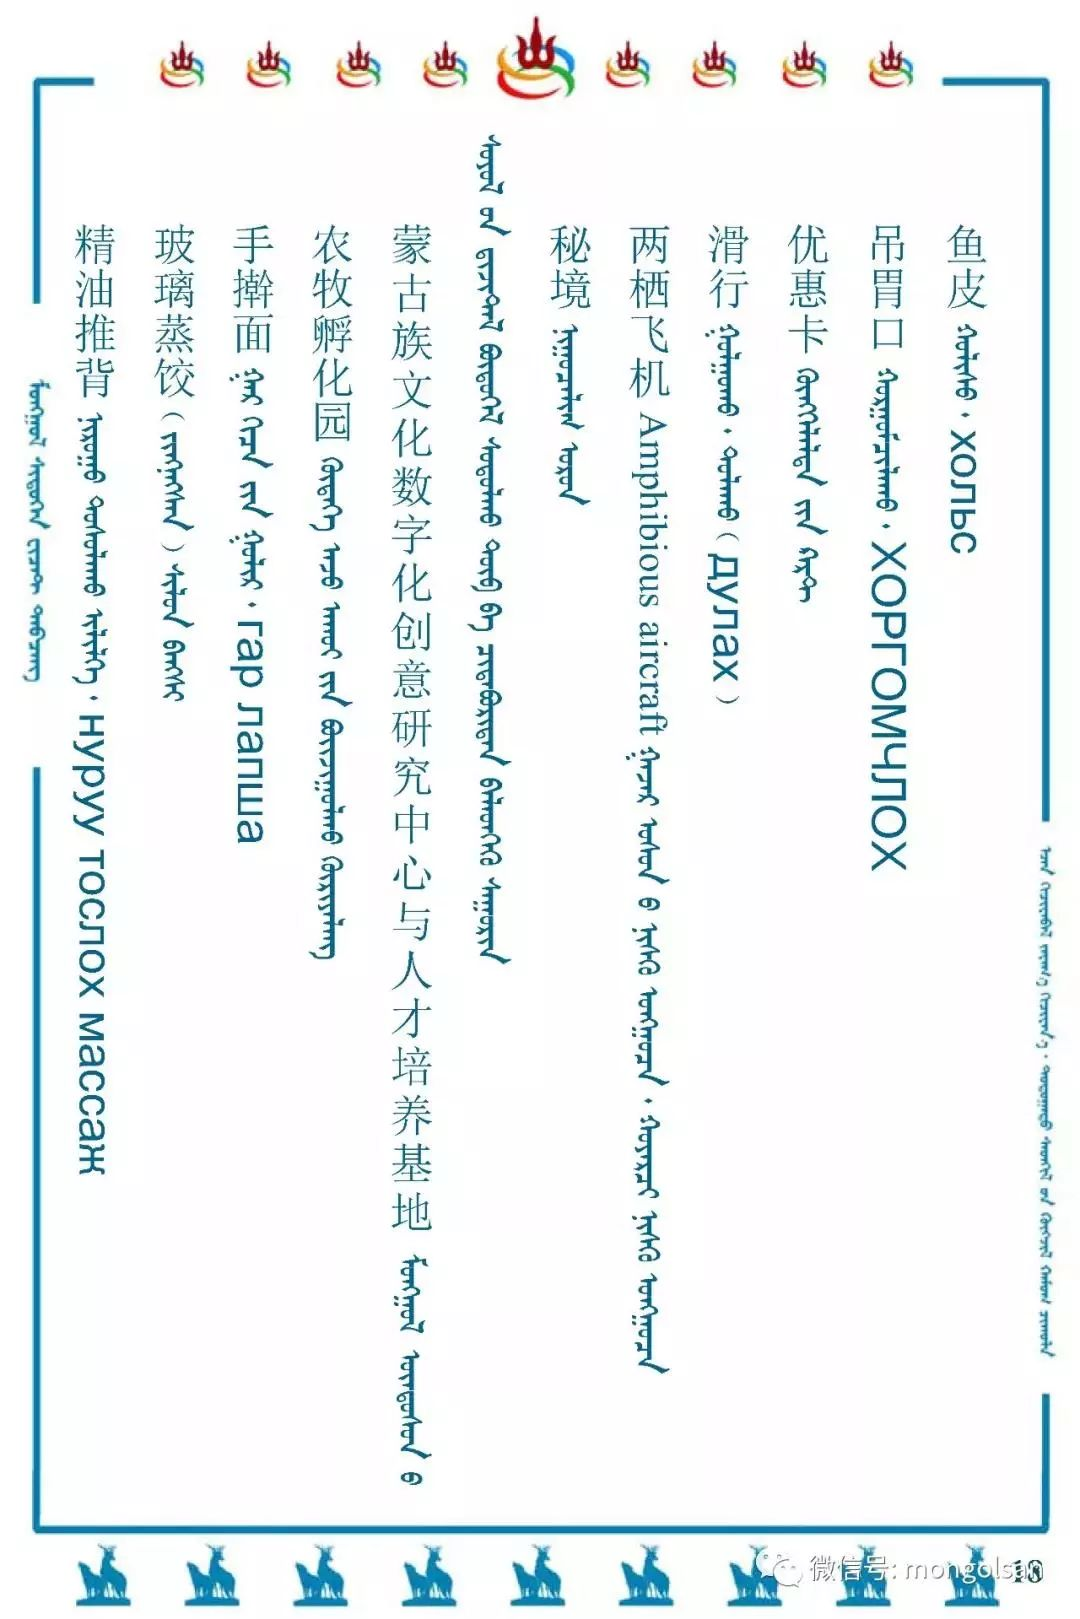 最新名词蒙古语翻译参考 第18张